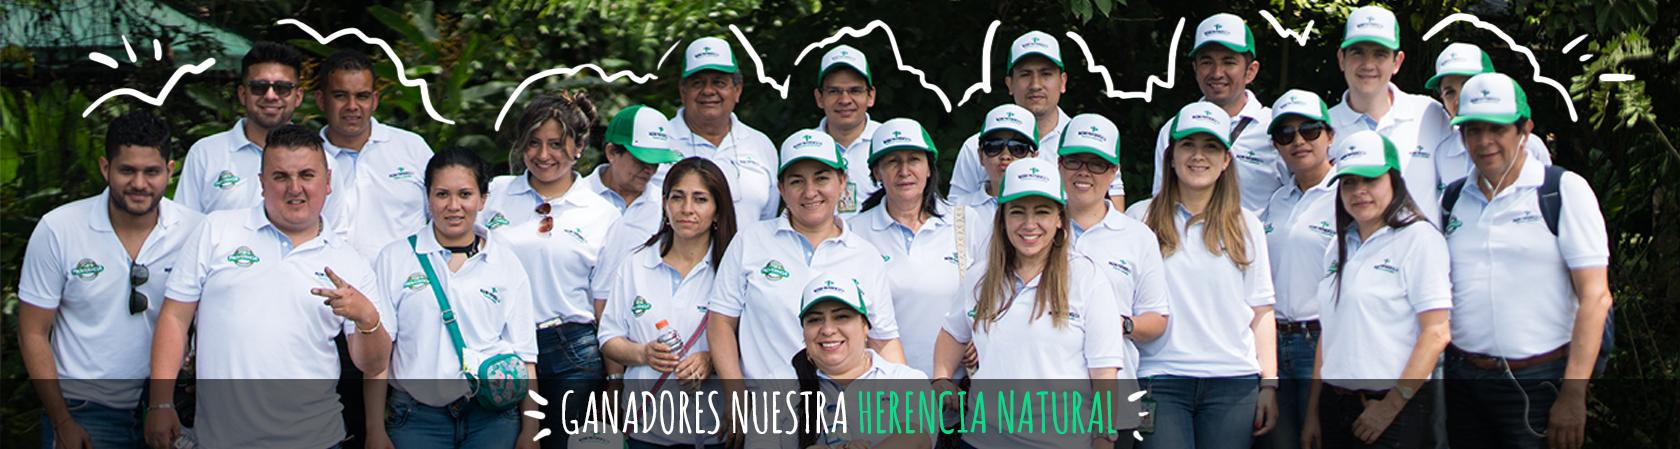 ing-providencia_ganadores-nuestra-herencia-natural_2018